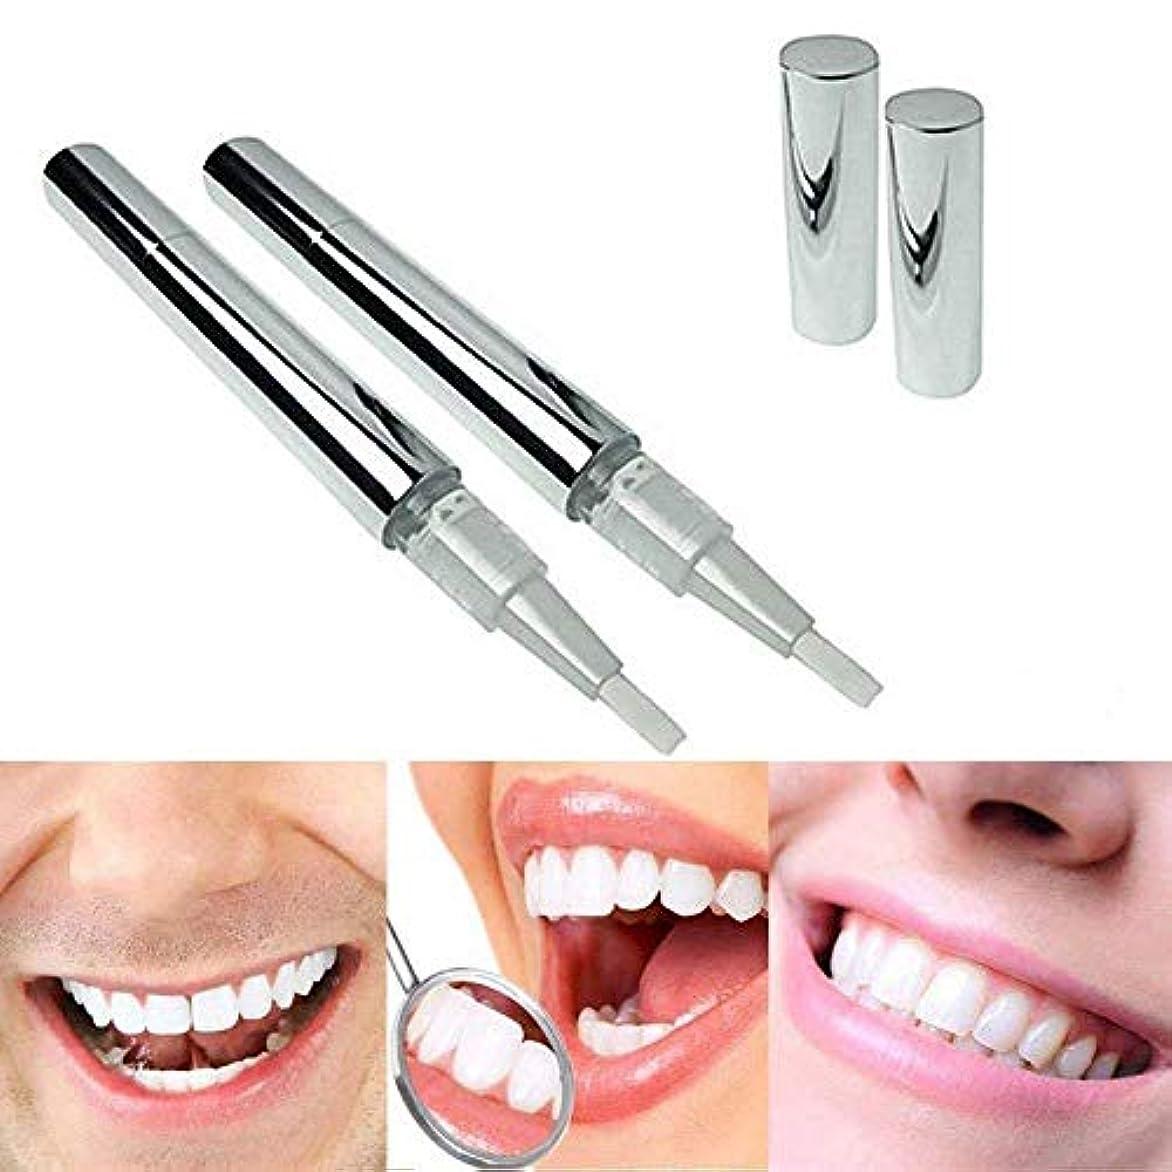 密に慣れ確認するMercuryGo 美白歯ゲル 歯 ホワイトニングペン ホワイトニングペン 歯ブラシ 輝く笑顔 口臭防止 歯周病防止 2本